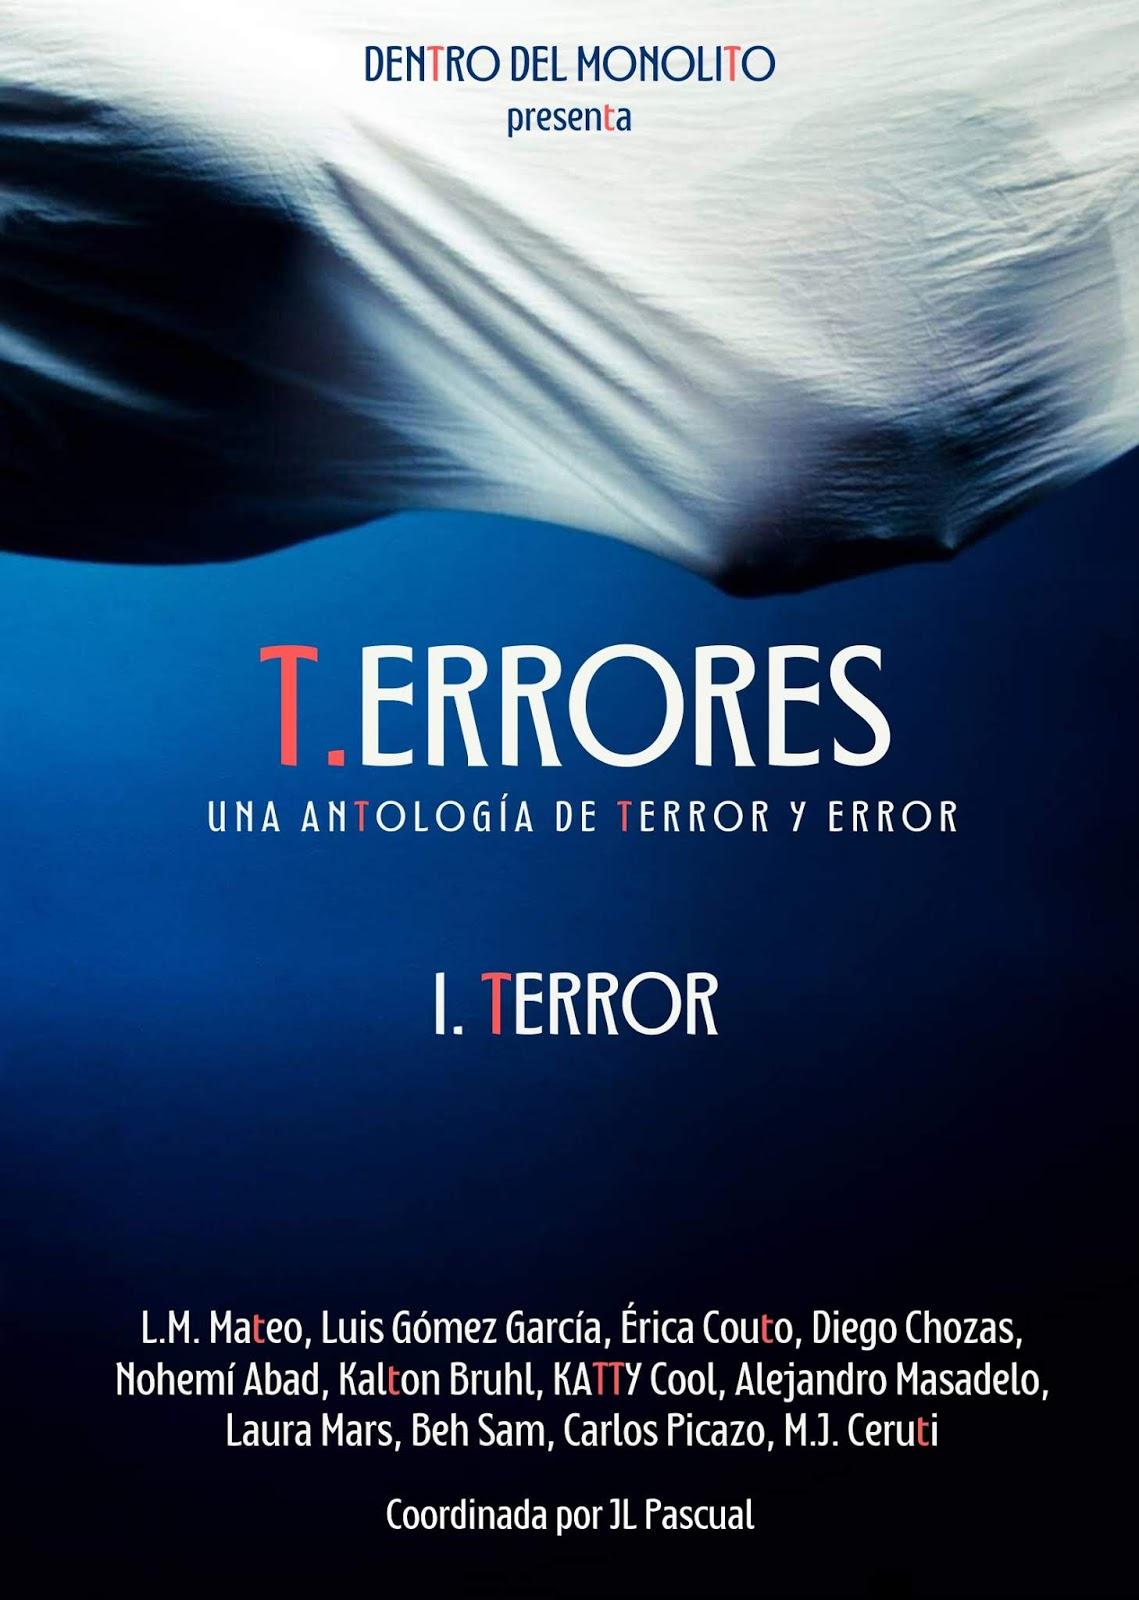 T.ERRORES